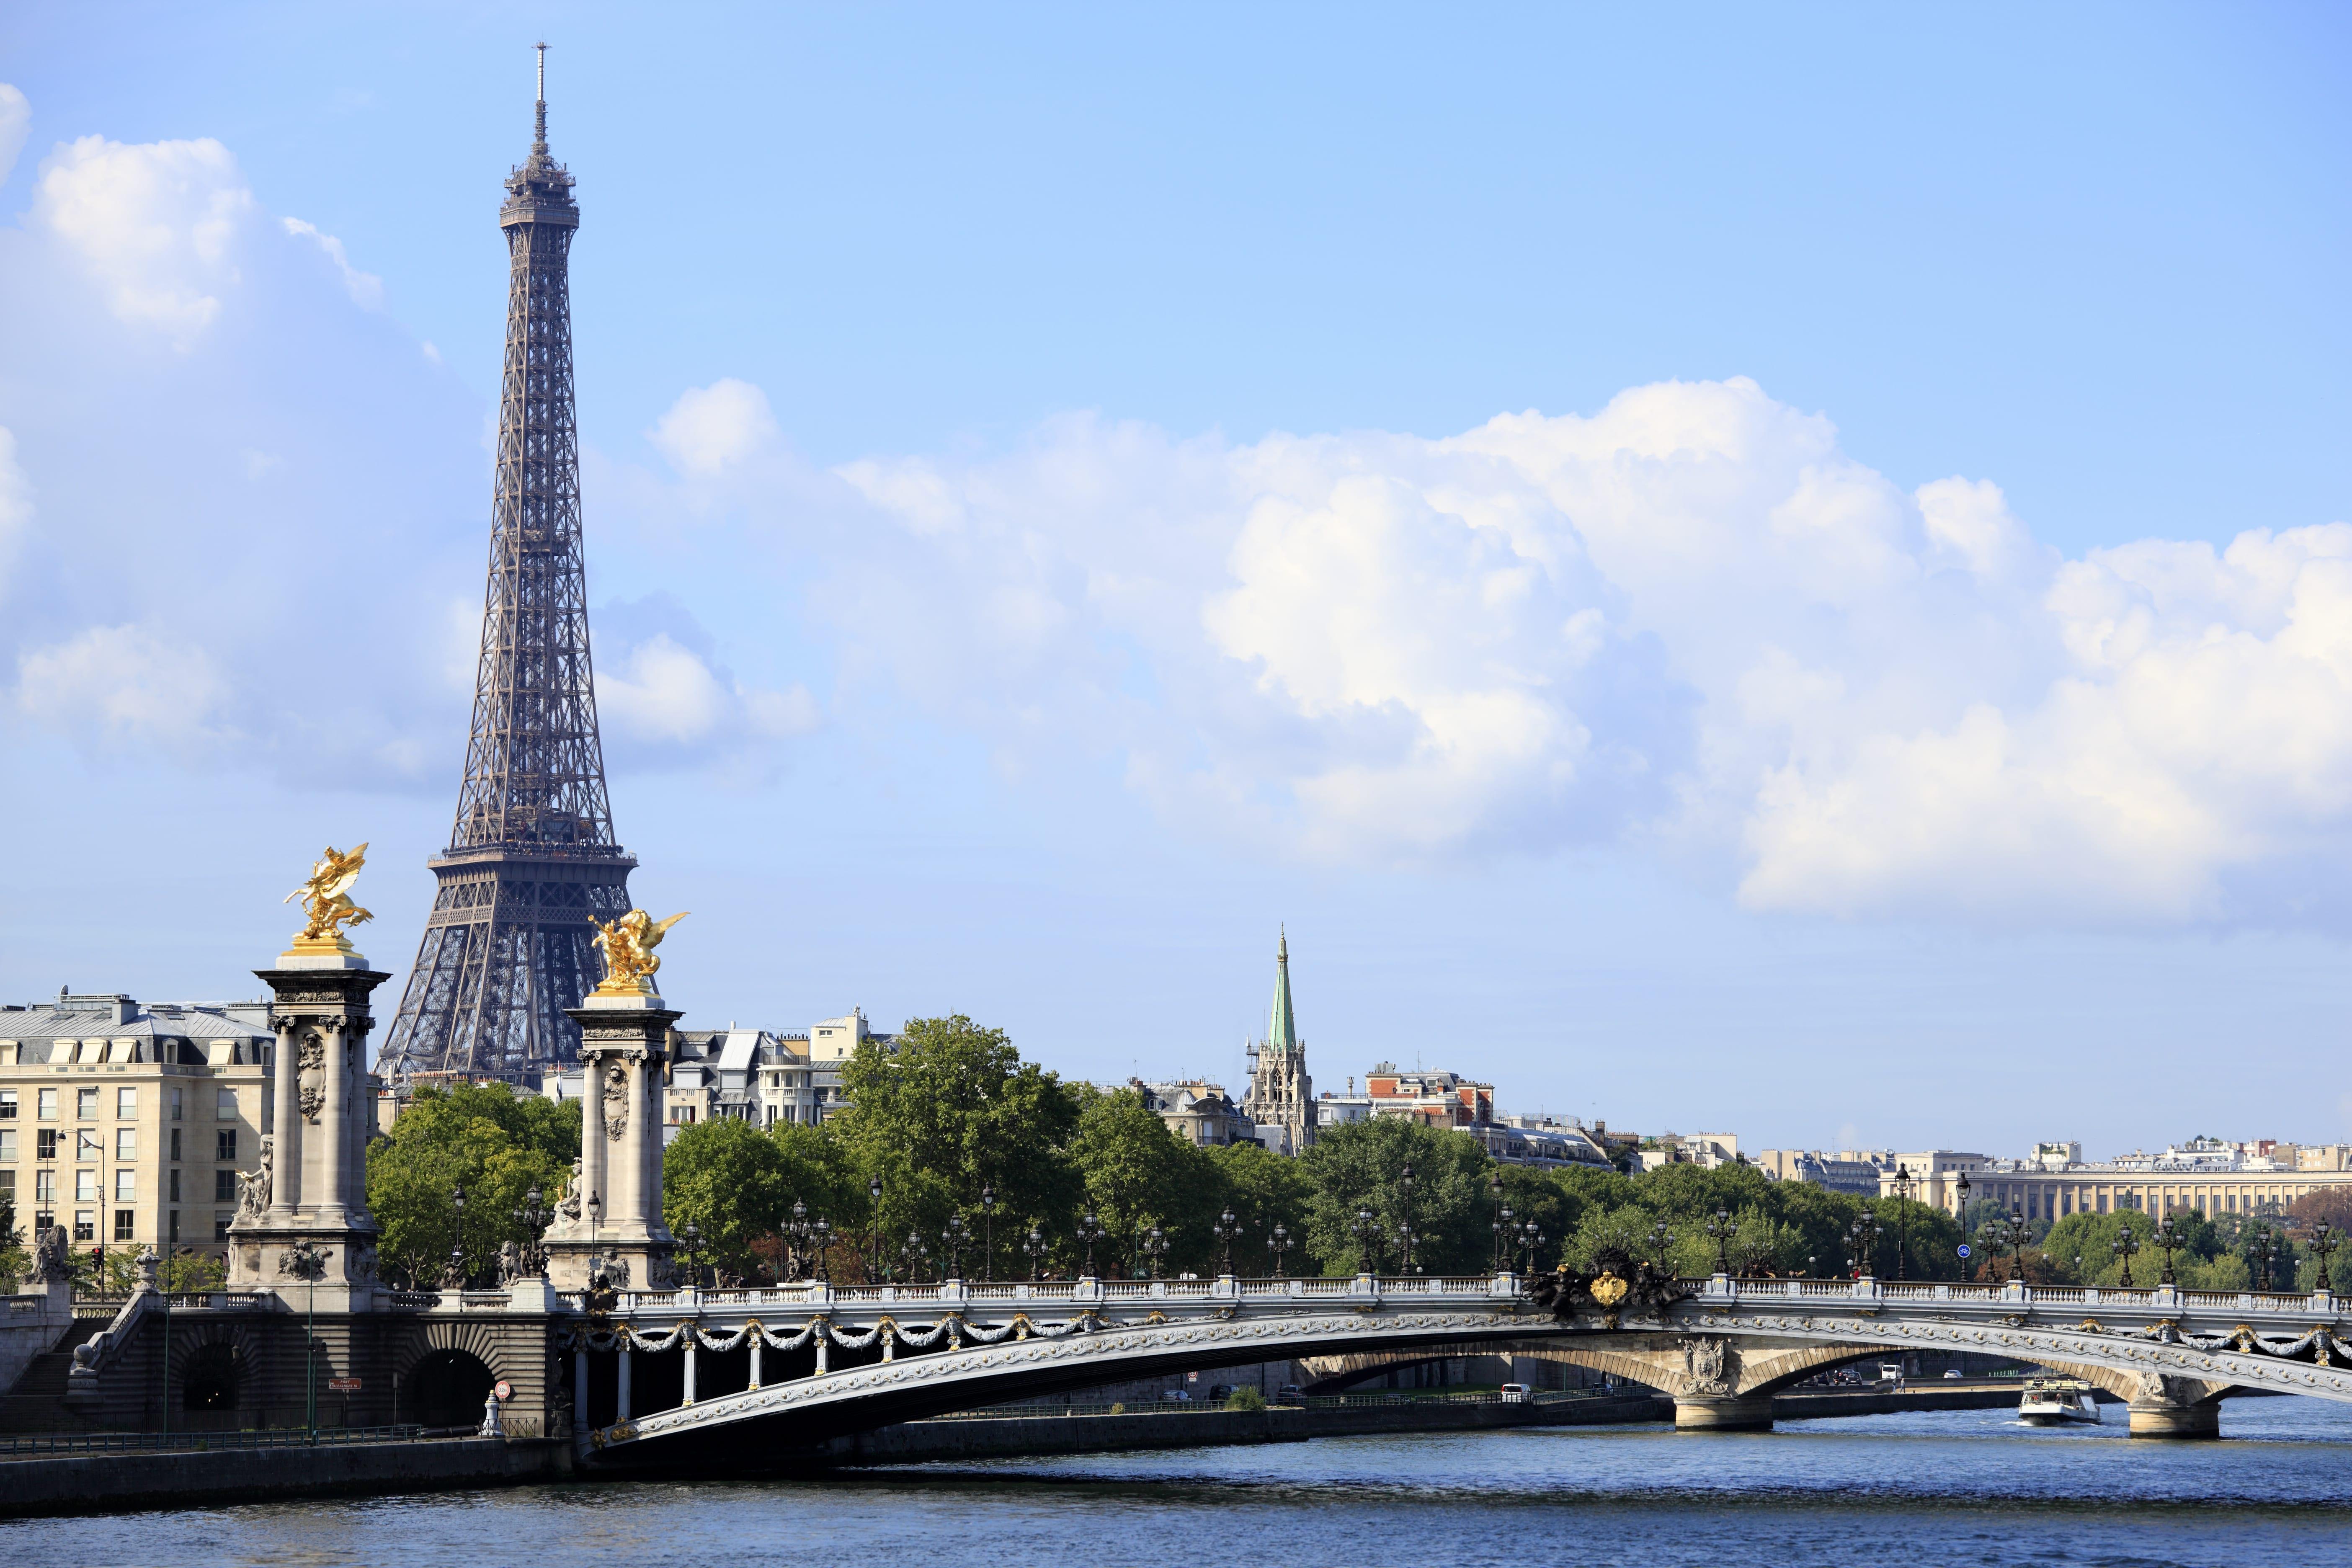 Monolocali In Vendita A Parigi comprare casa a parigi: come si fa, quanto conviene, prezzi